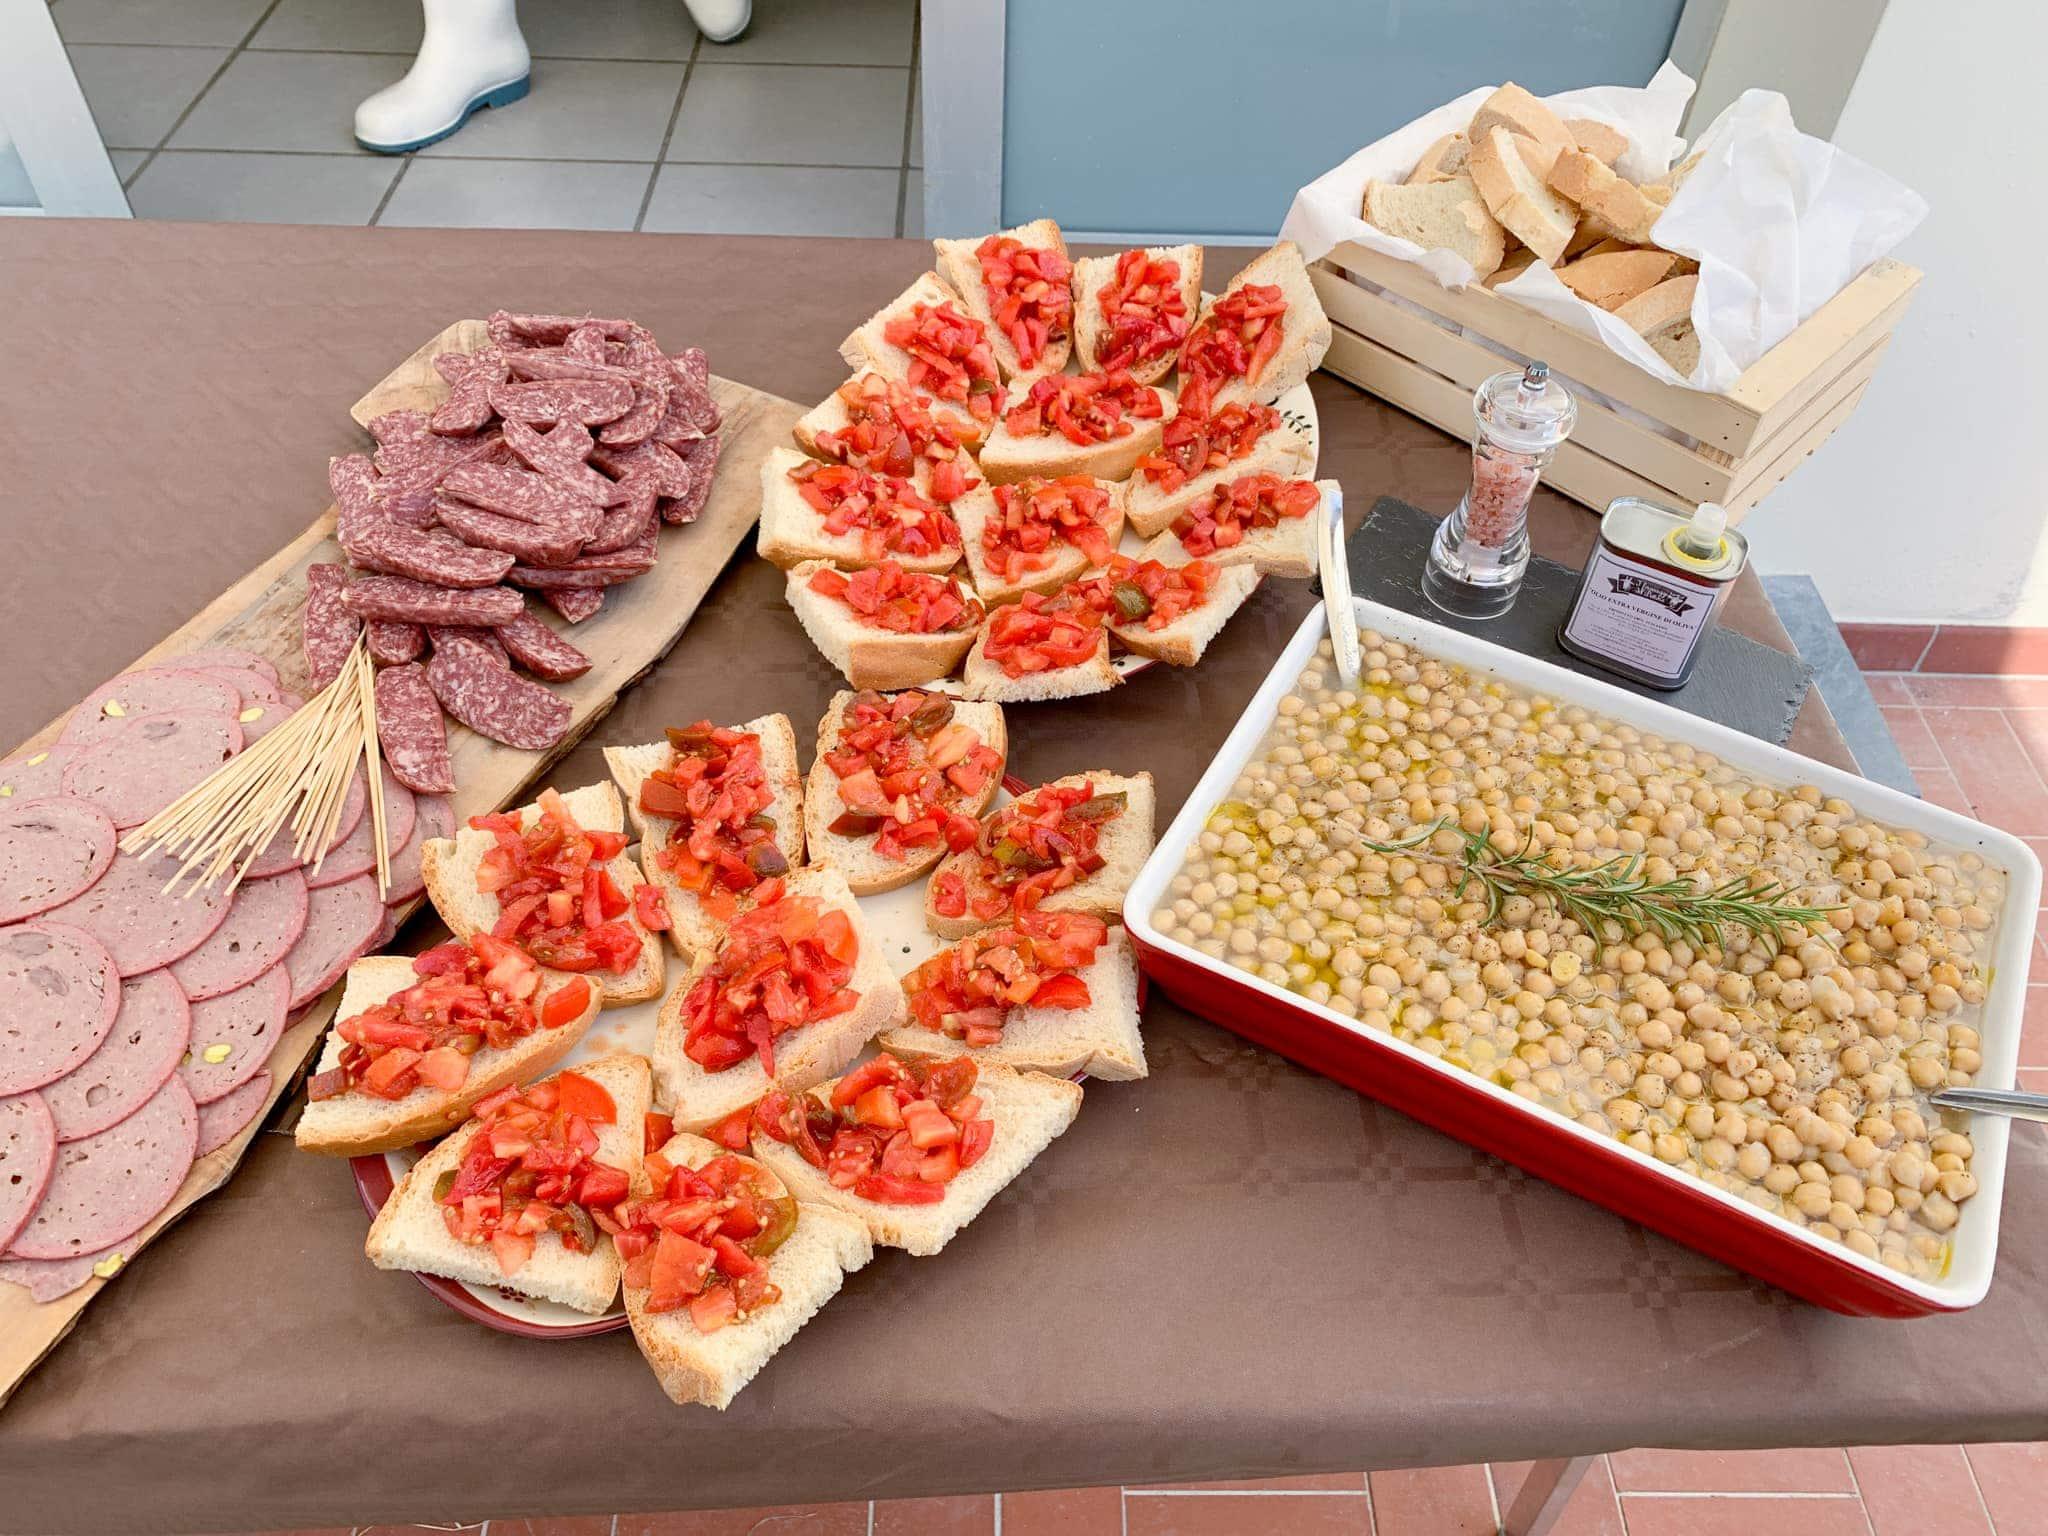 Bruschetta, wild boar sausage, and white beans